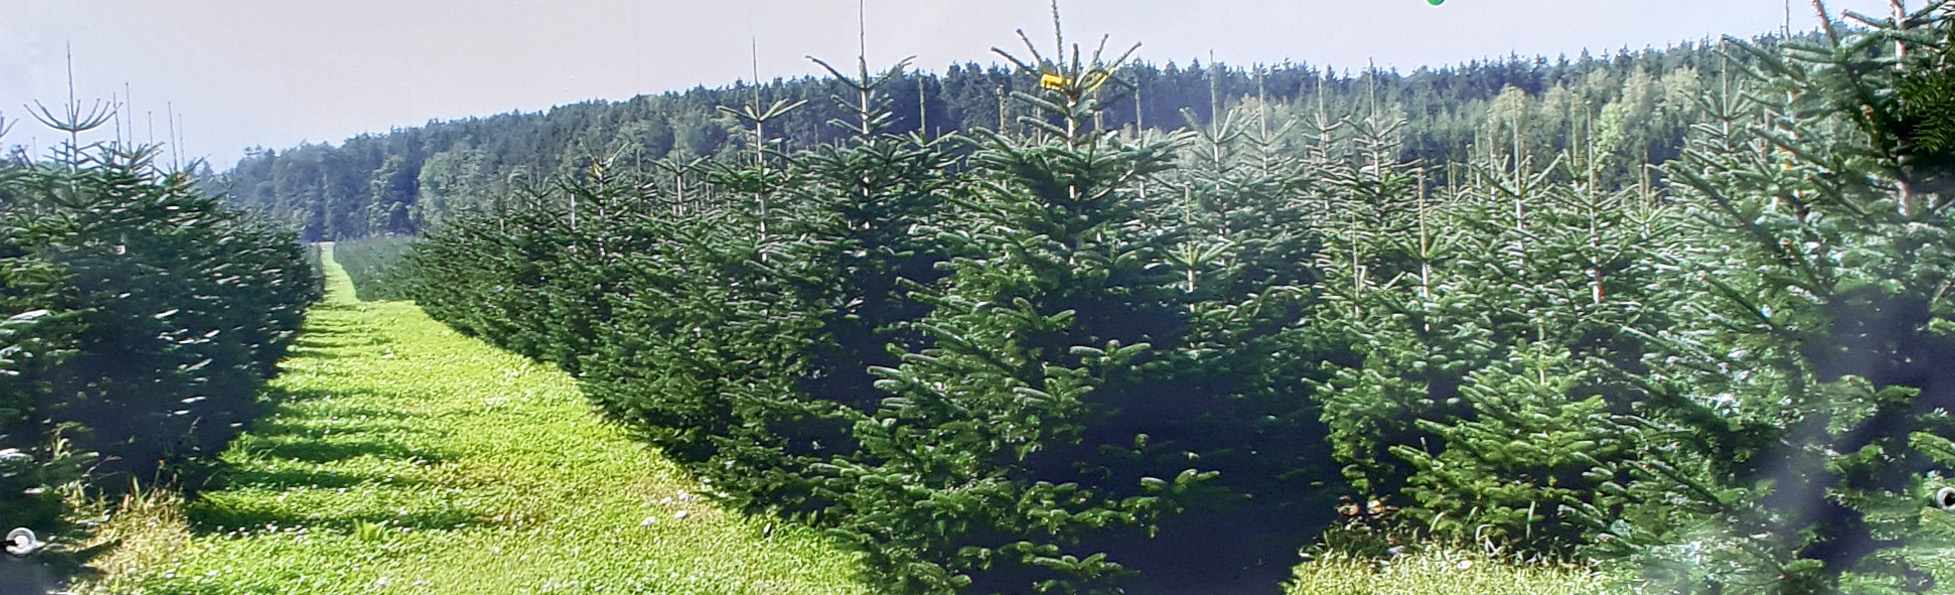 Wann Weihnachtsbaum Kaufen.Weihnachtsbaum Kaufen Unbehandelte Tannenbäume Beim Zehmerhof Oder